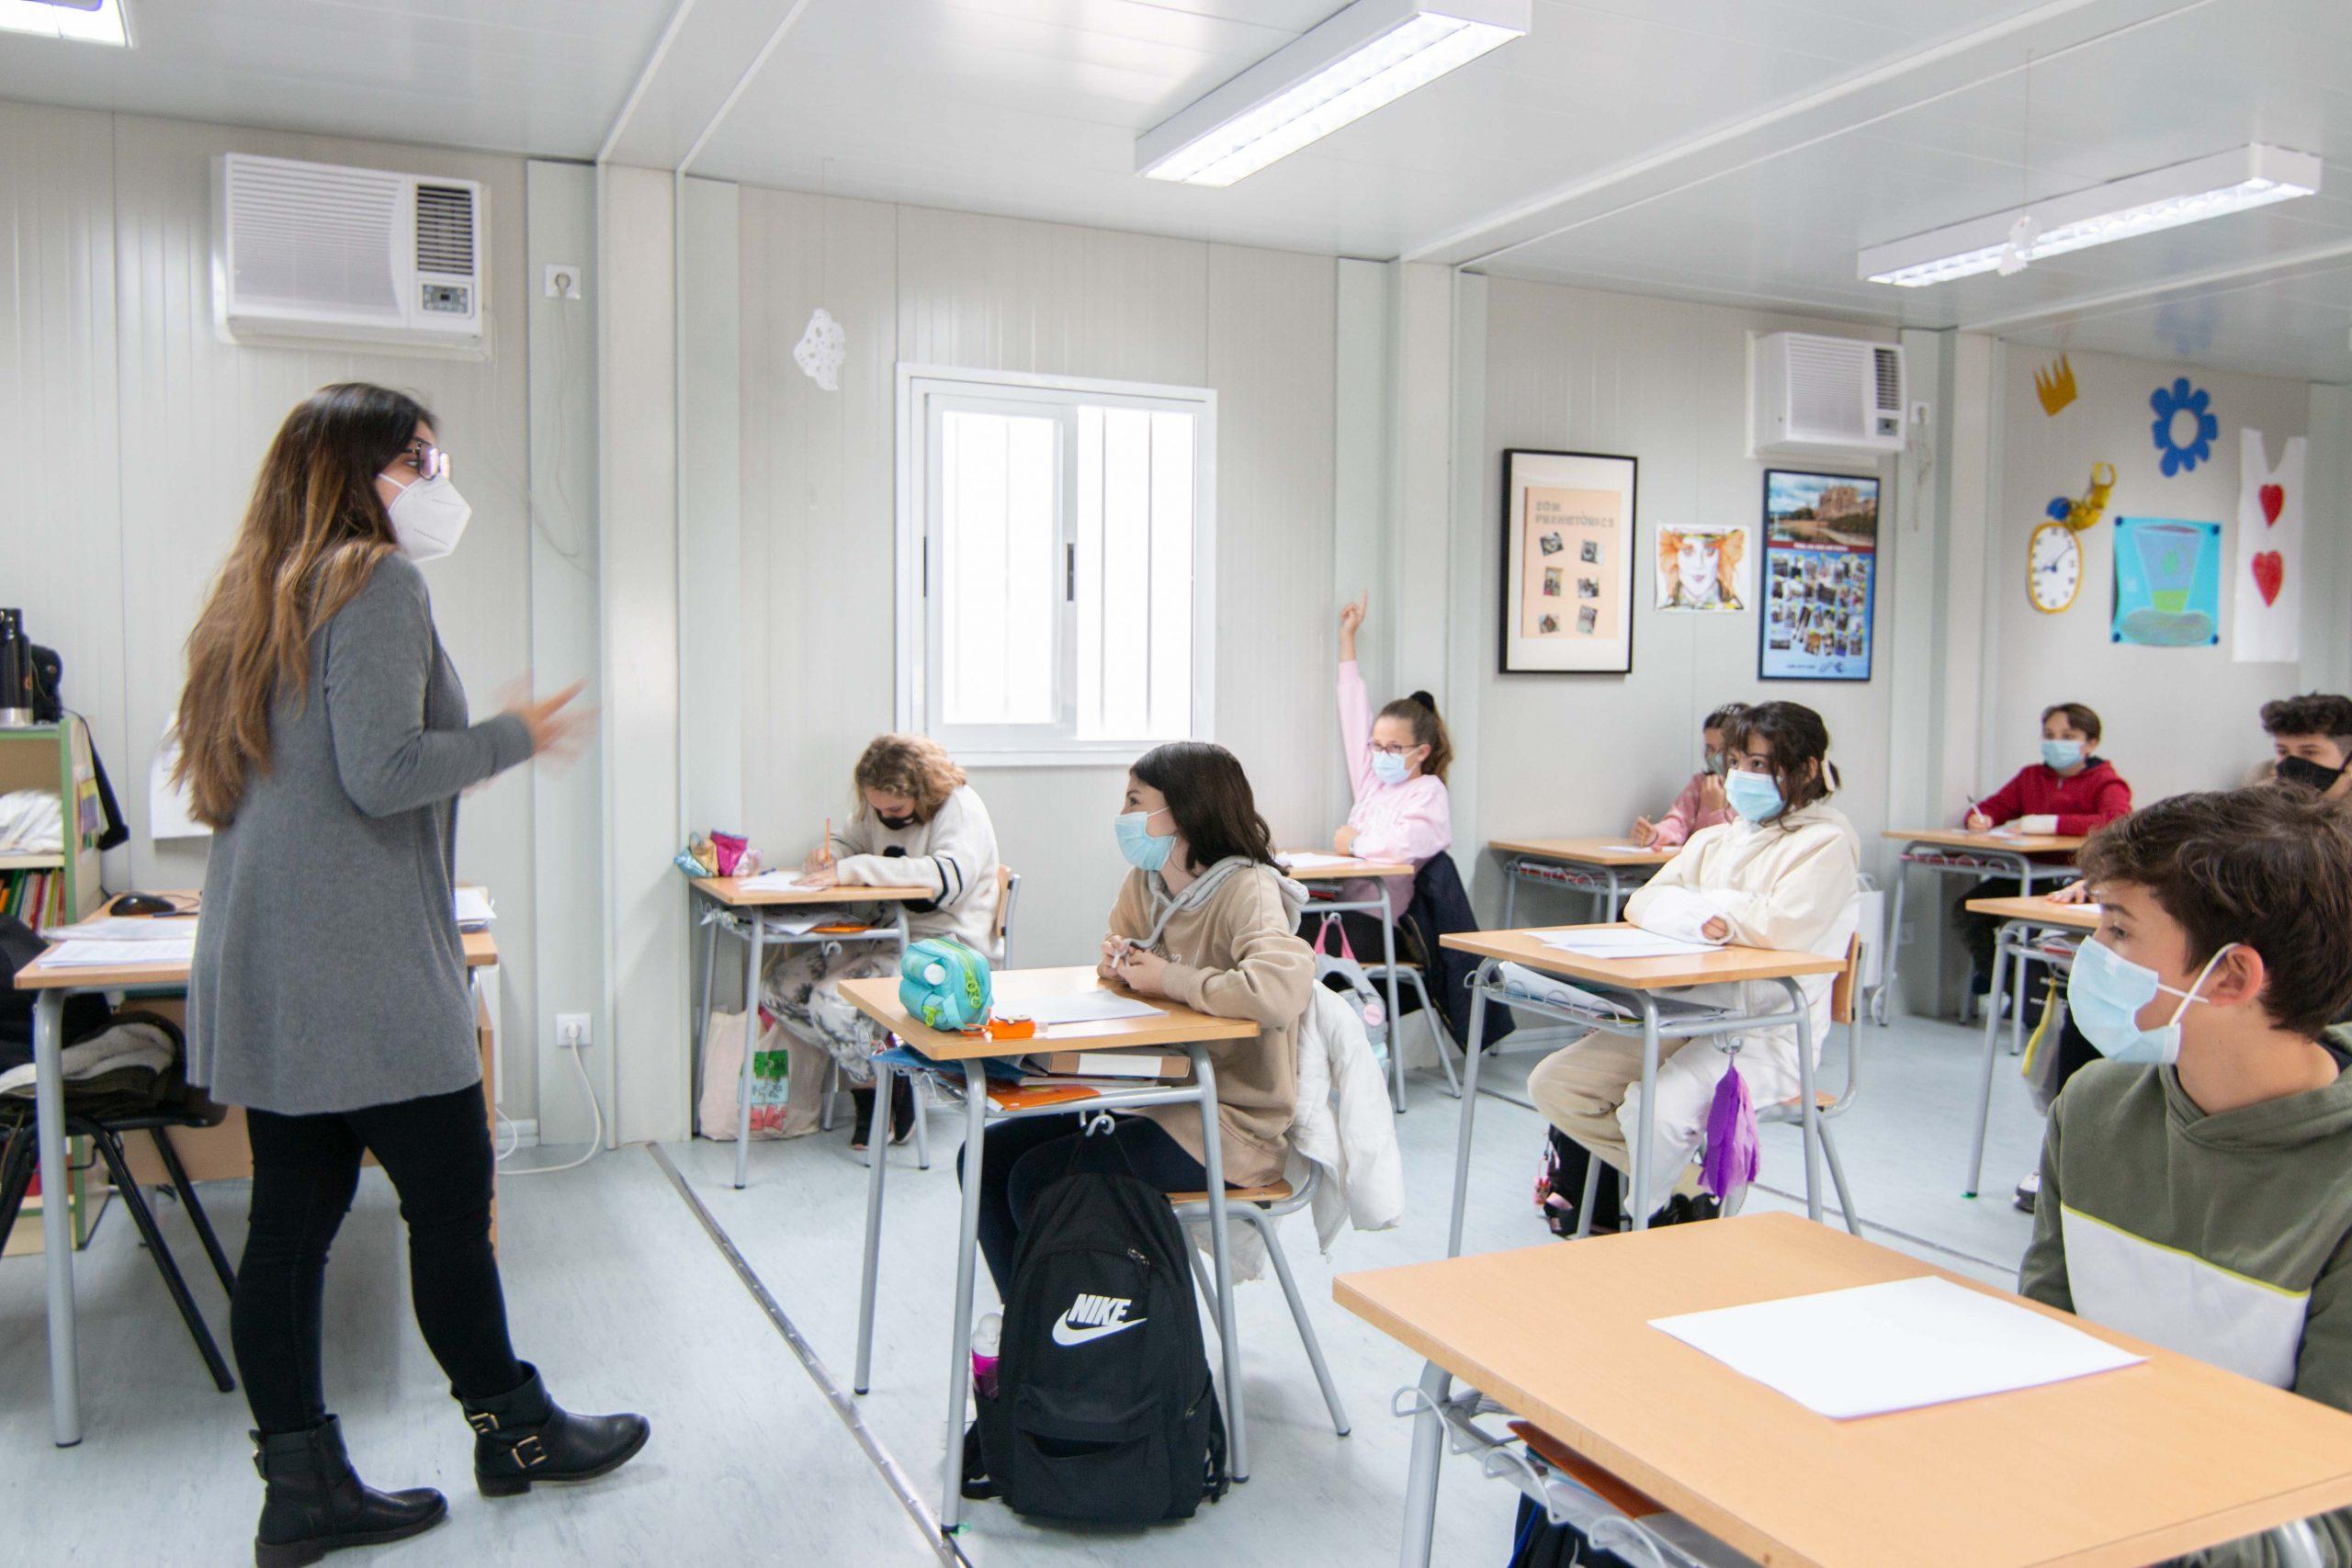 163 niñas y niños de Palma conocen el comercio de proximidad gracias al programa Comercio y escuela de PalmaActiva